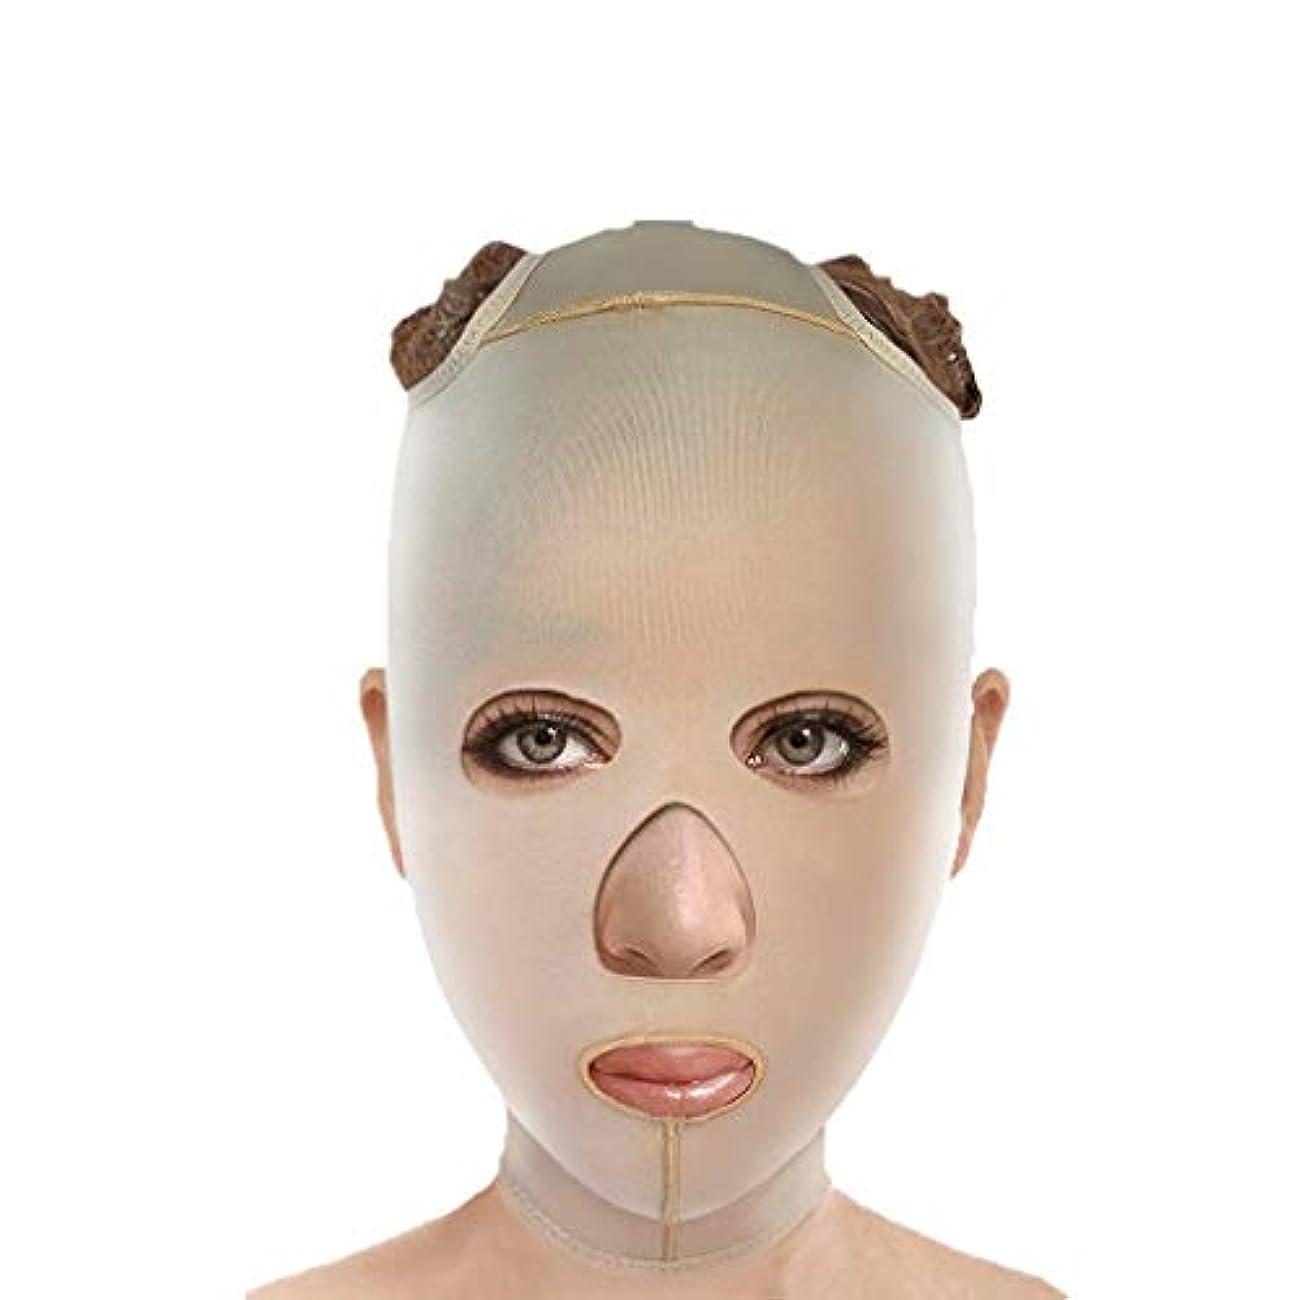 恵みヤギタックルチンストラップ、フェイスリフティング、アンチエイジングフェイシャル包帯、フェイシャル減量マスク、ファーミングマスク、フェイシャルリフティングアーティファクト(サイズ:S),M